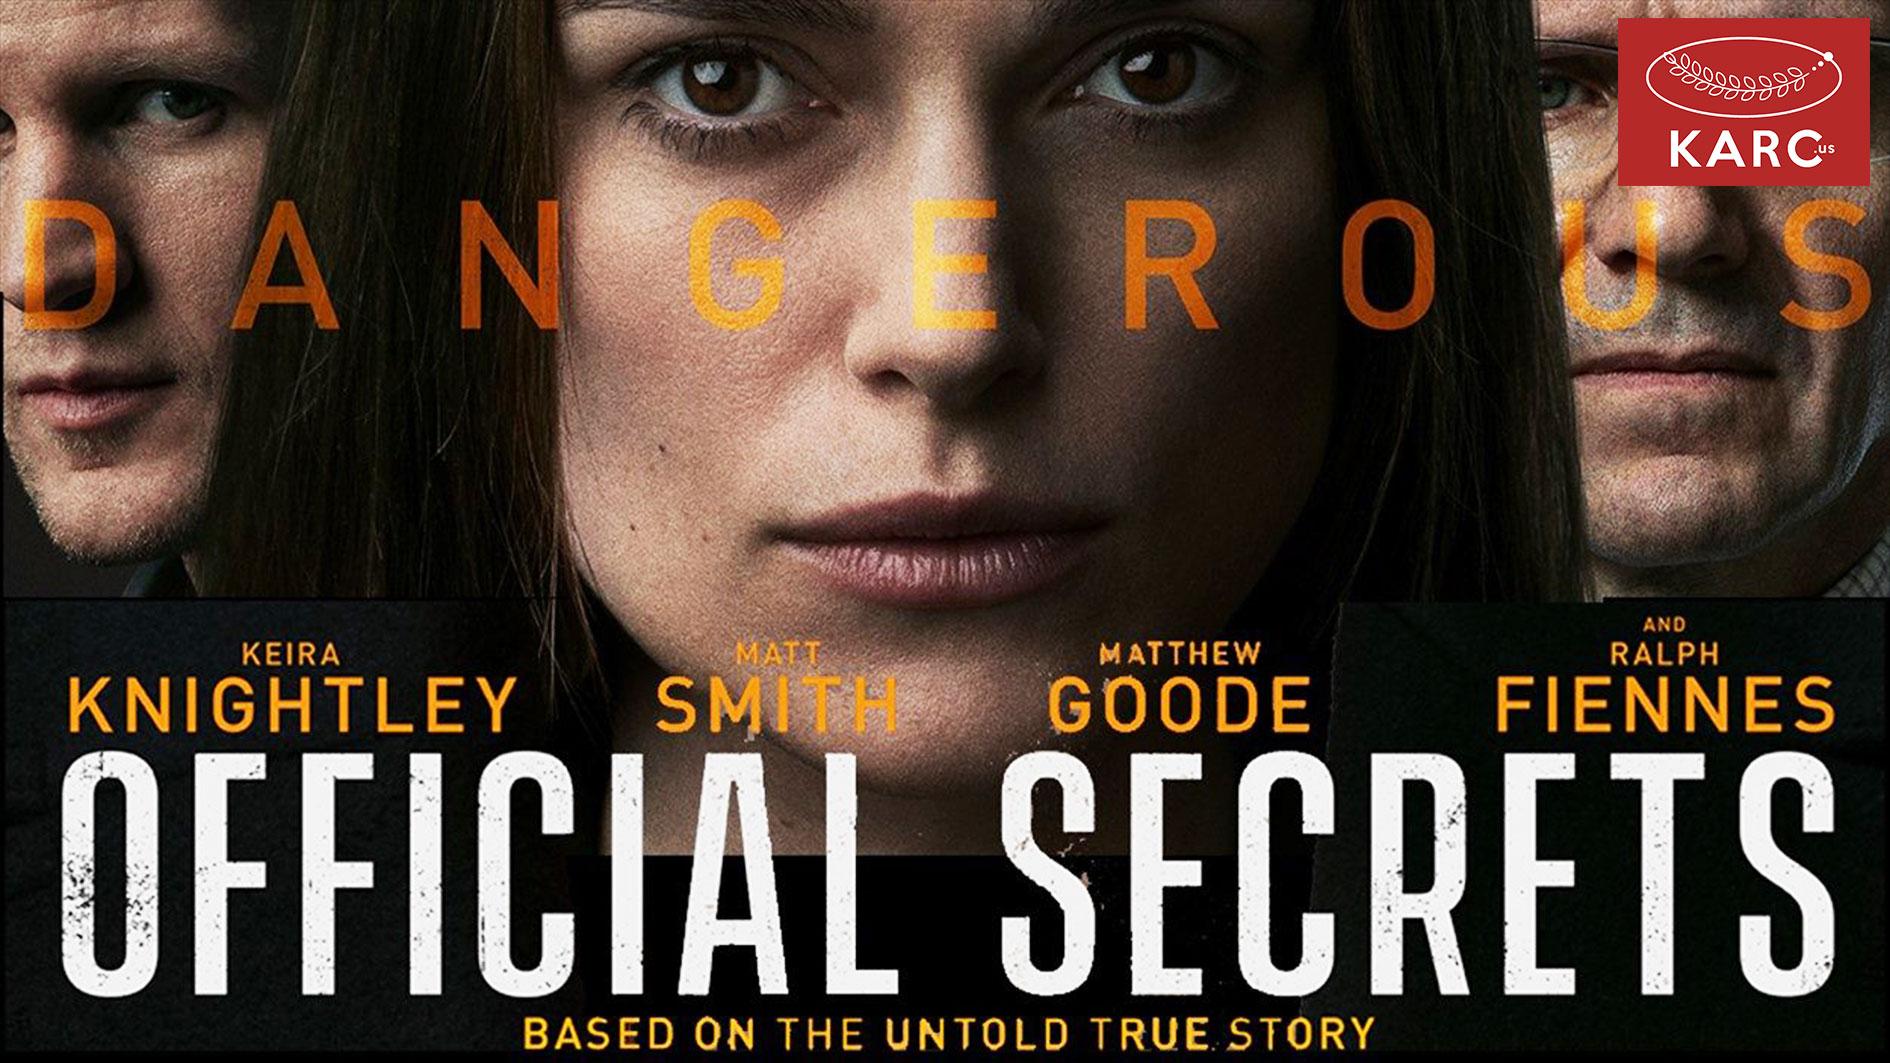 รีวิว Official Secrets รัฐบาลซ่อนเงื่อน ภาพยนตร์ที่สร้างจากเรื่องจริง-Karc.us